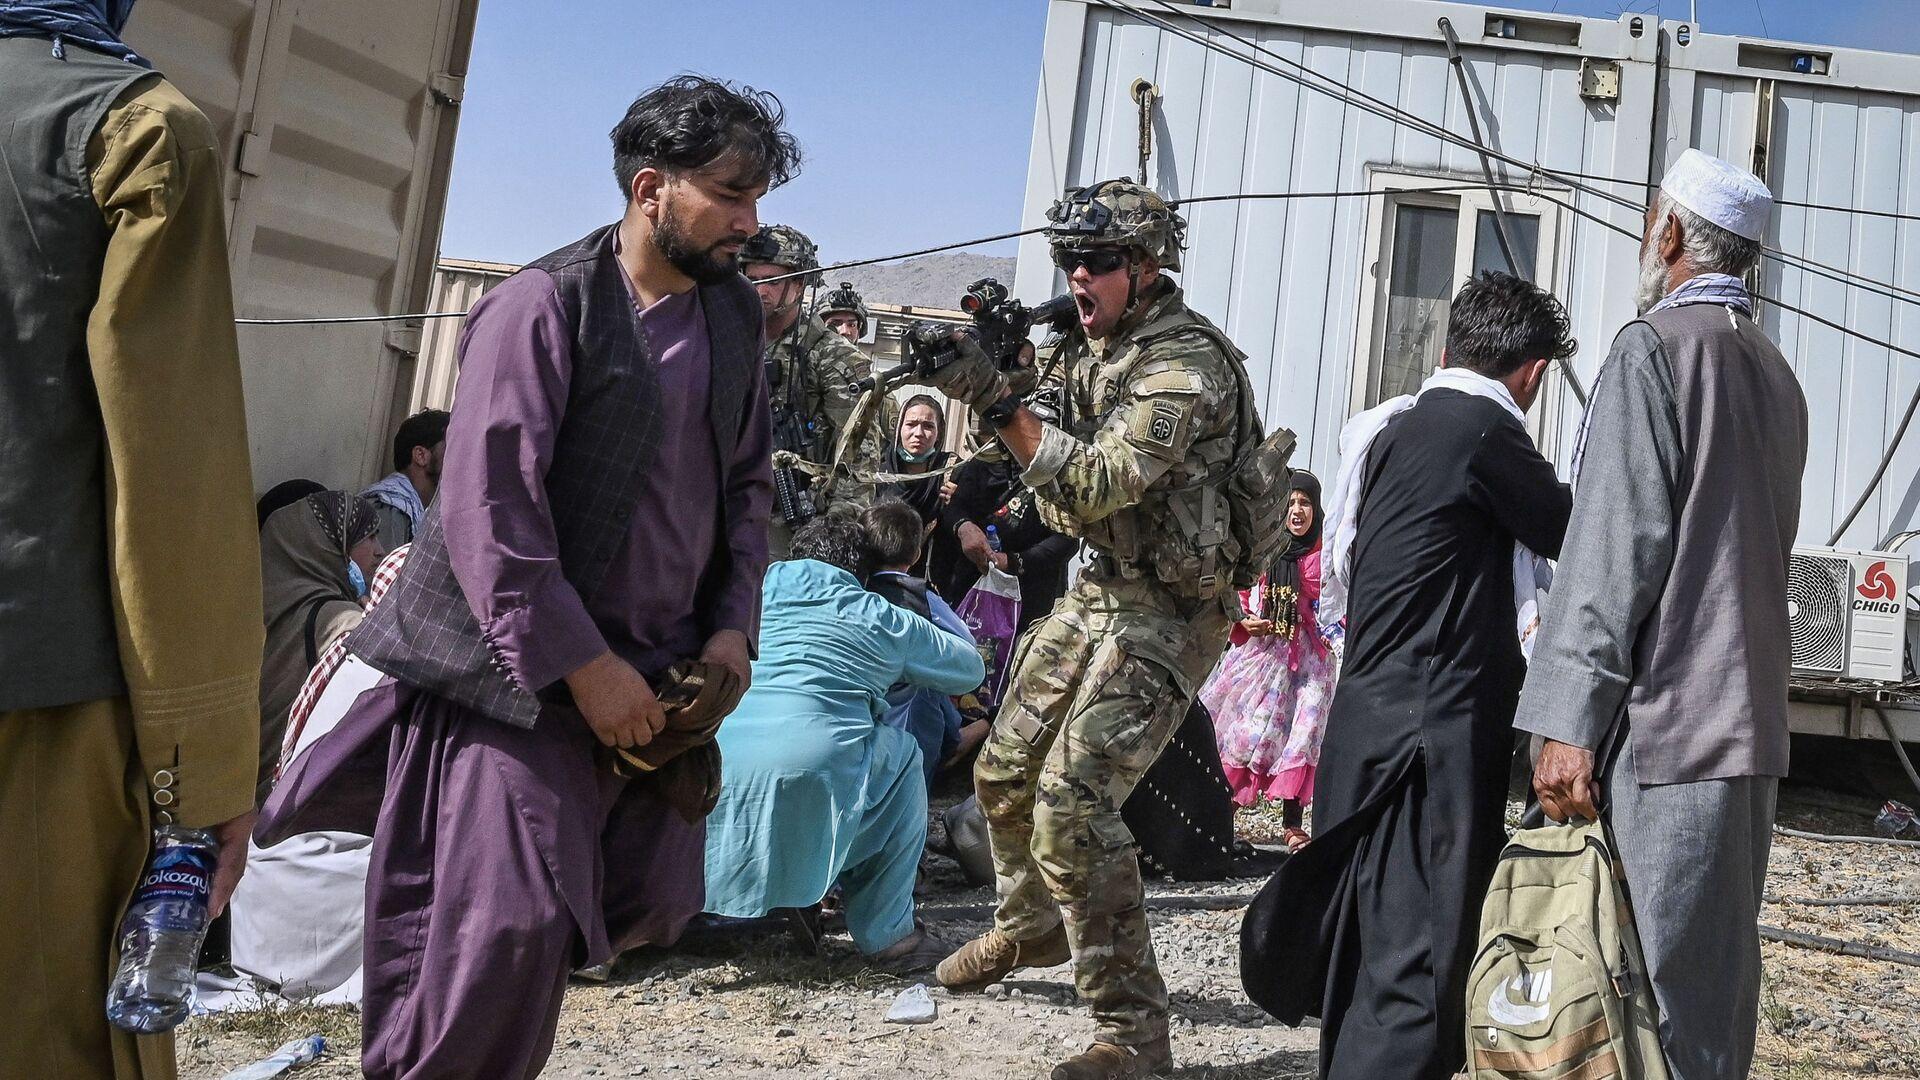 Американский солдат целится в афганцев в аэропорту Кабула  - Sputnik Italia, 1920, 21.08.2021